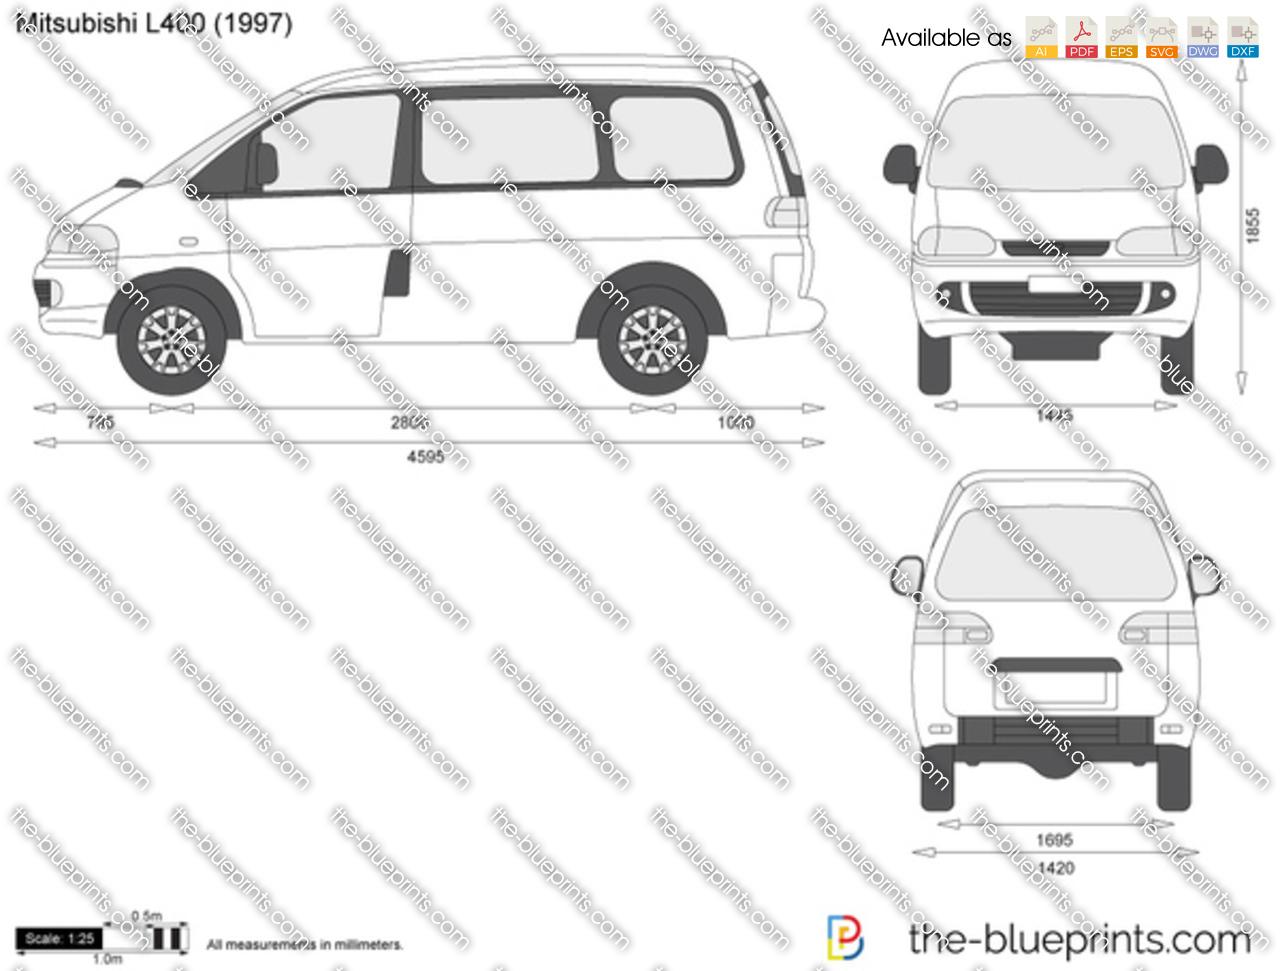 Mitsubishi L400 2001